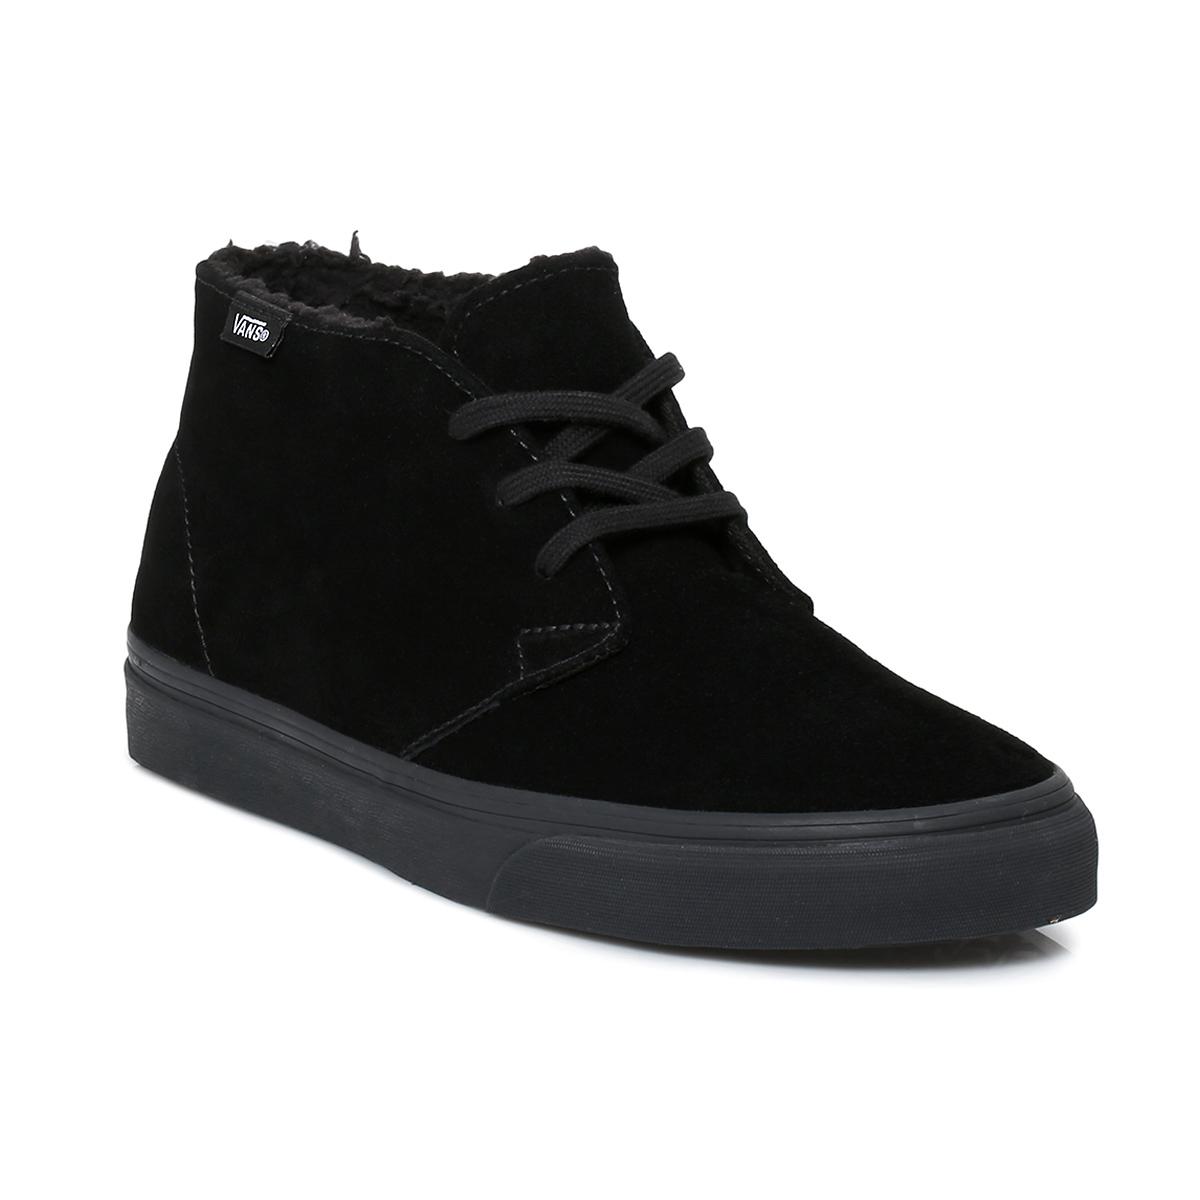 Vans Black Suede Chukka Decon Fleece Boots Size 3-11 | eBay